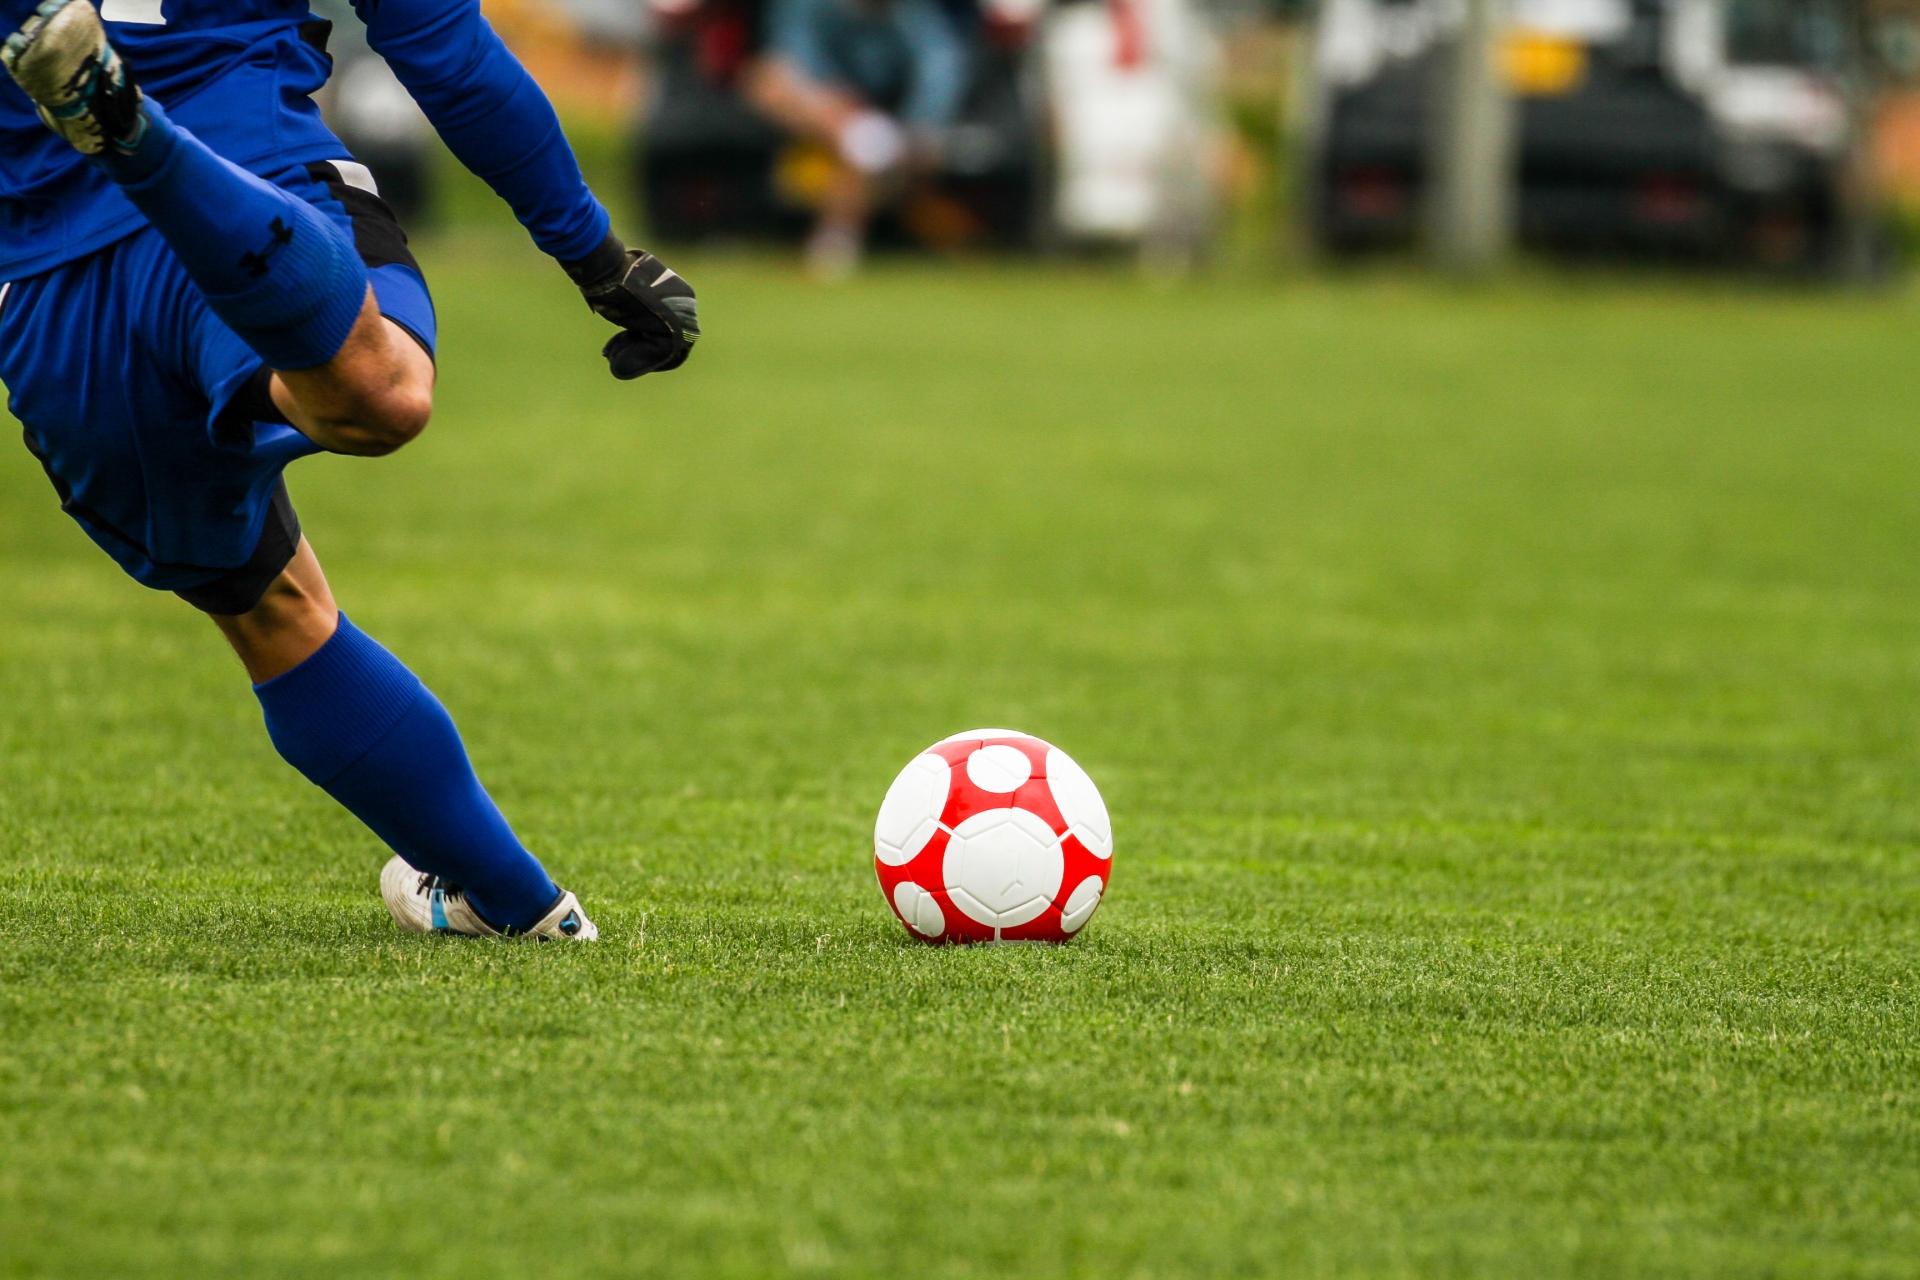 趣味はサッカー